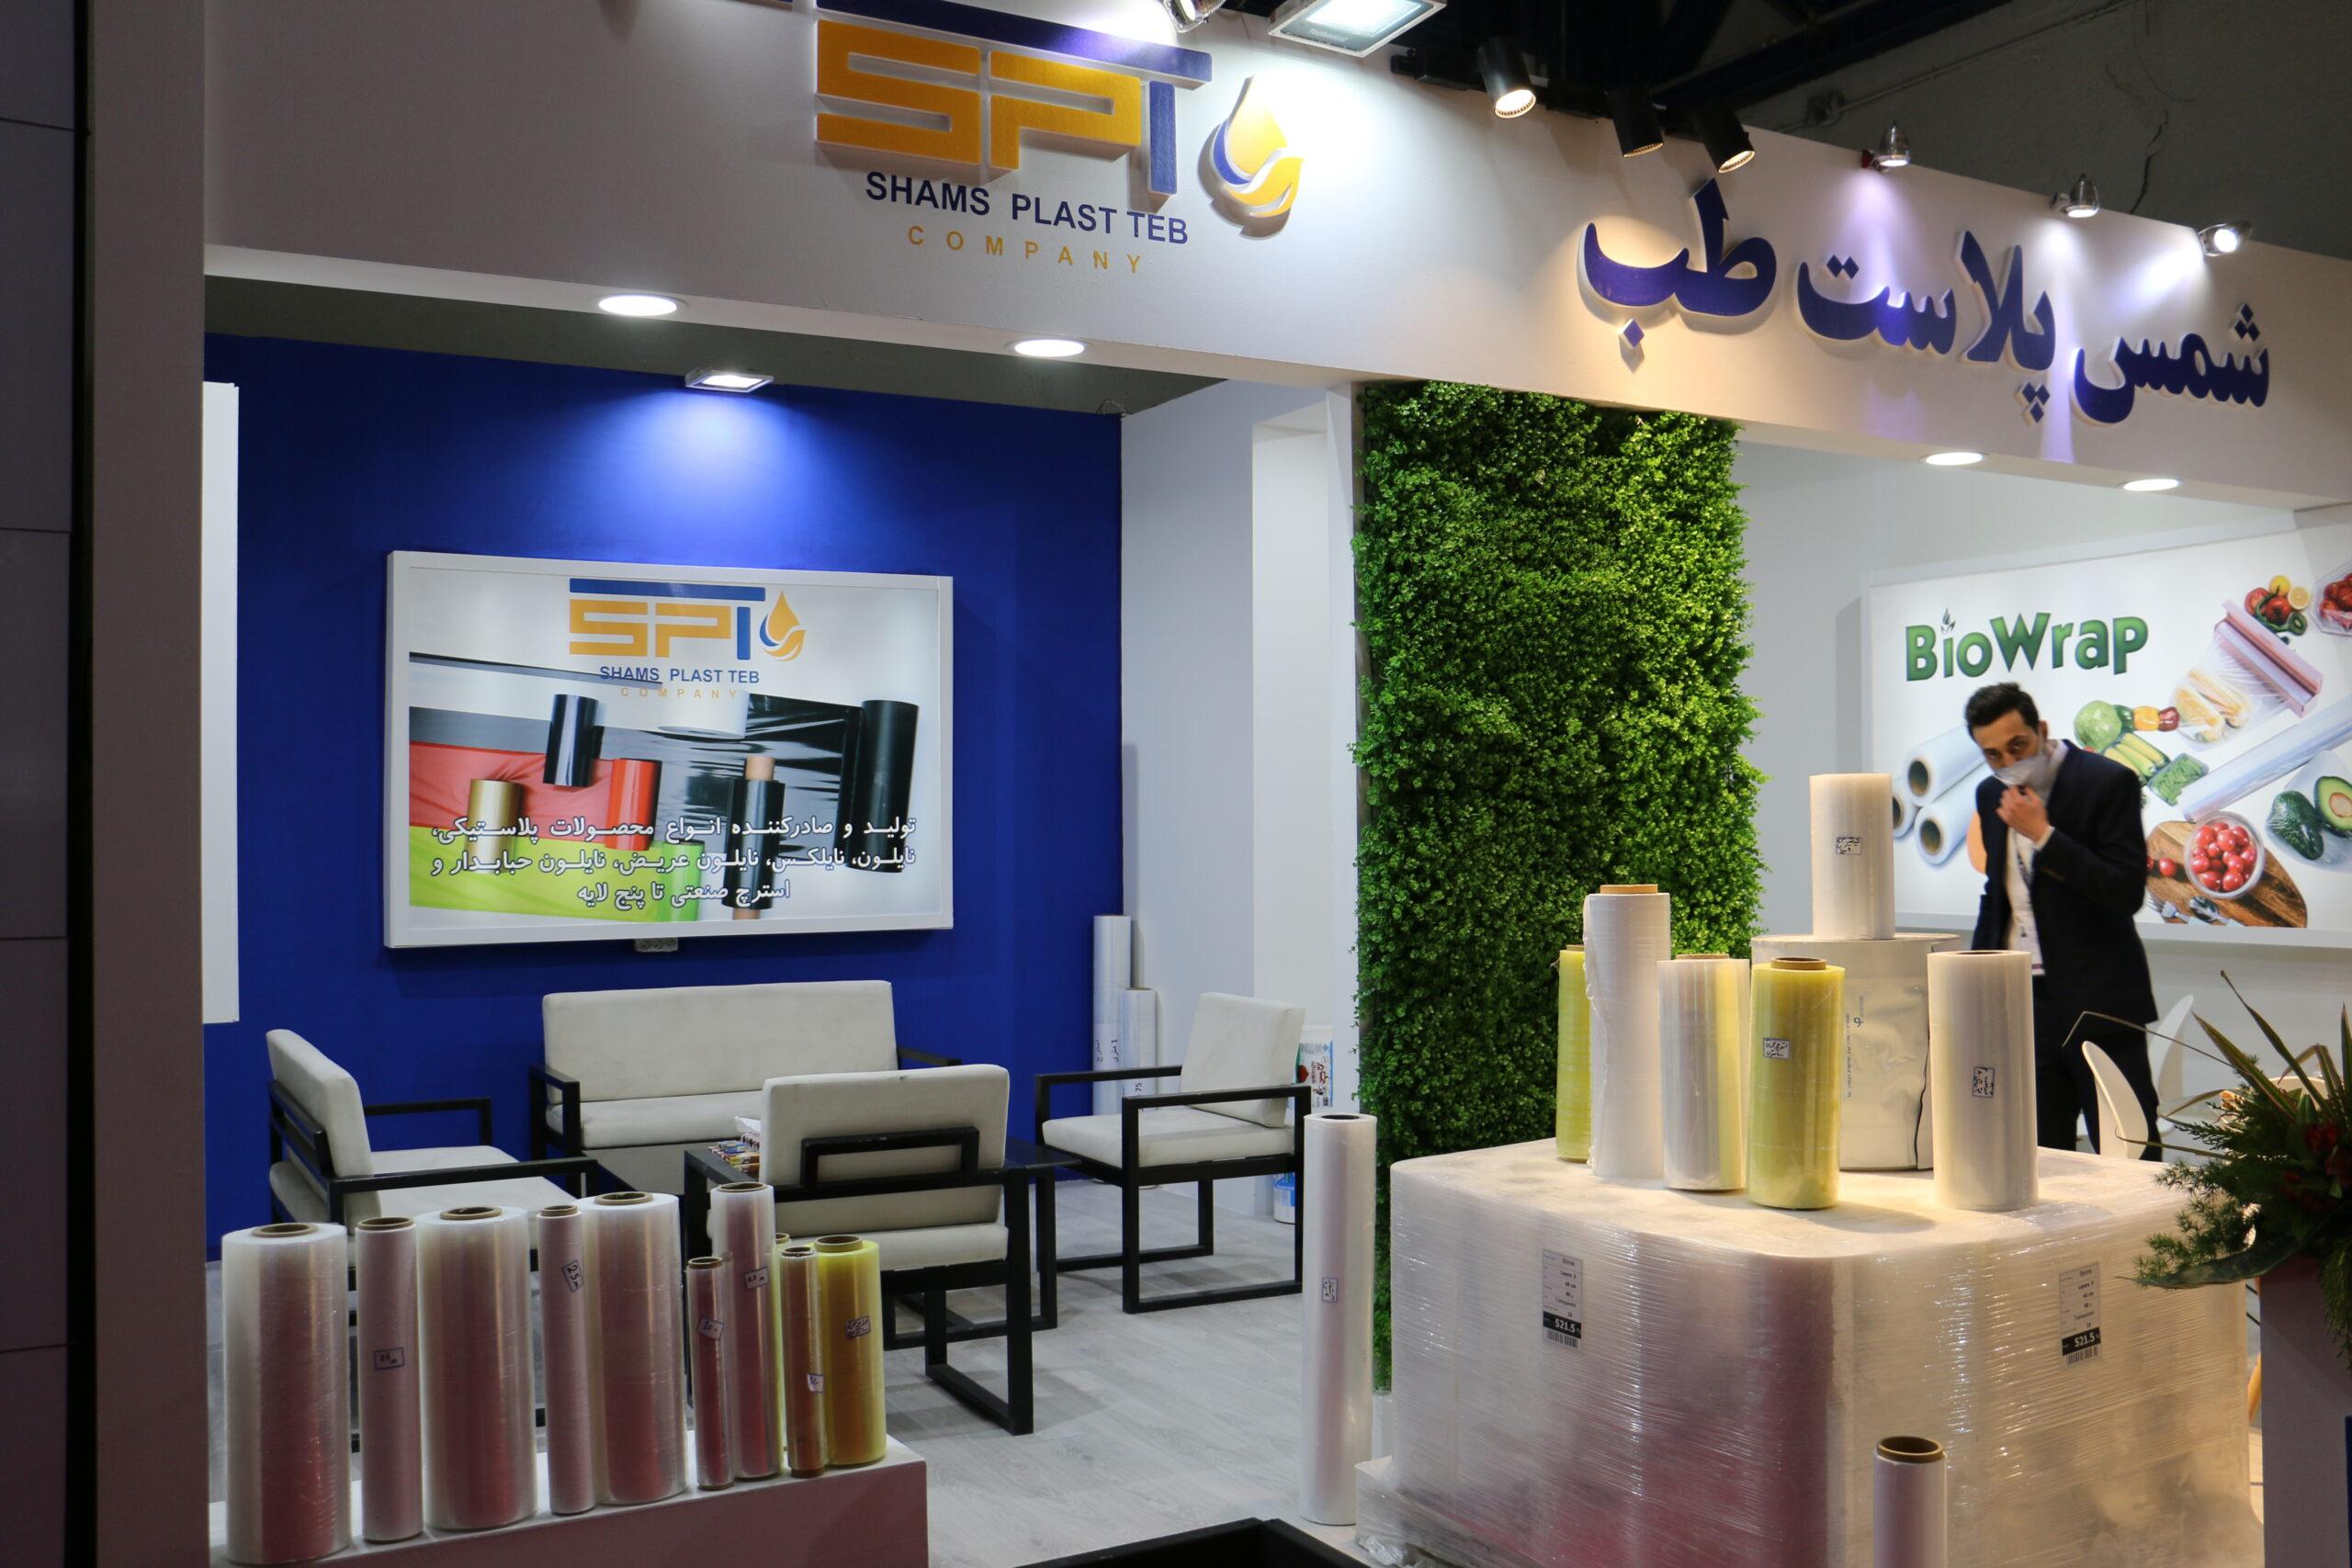 غرفه شمس پلاست طب در سالن خلیج فارس